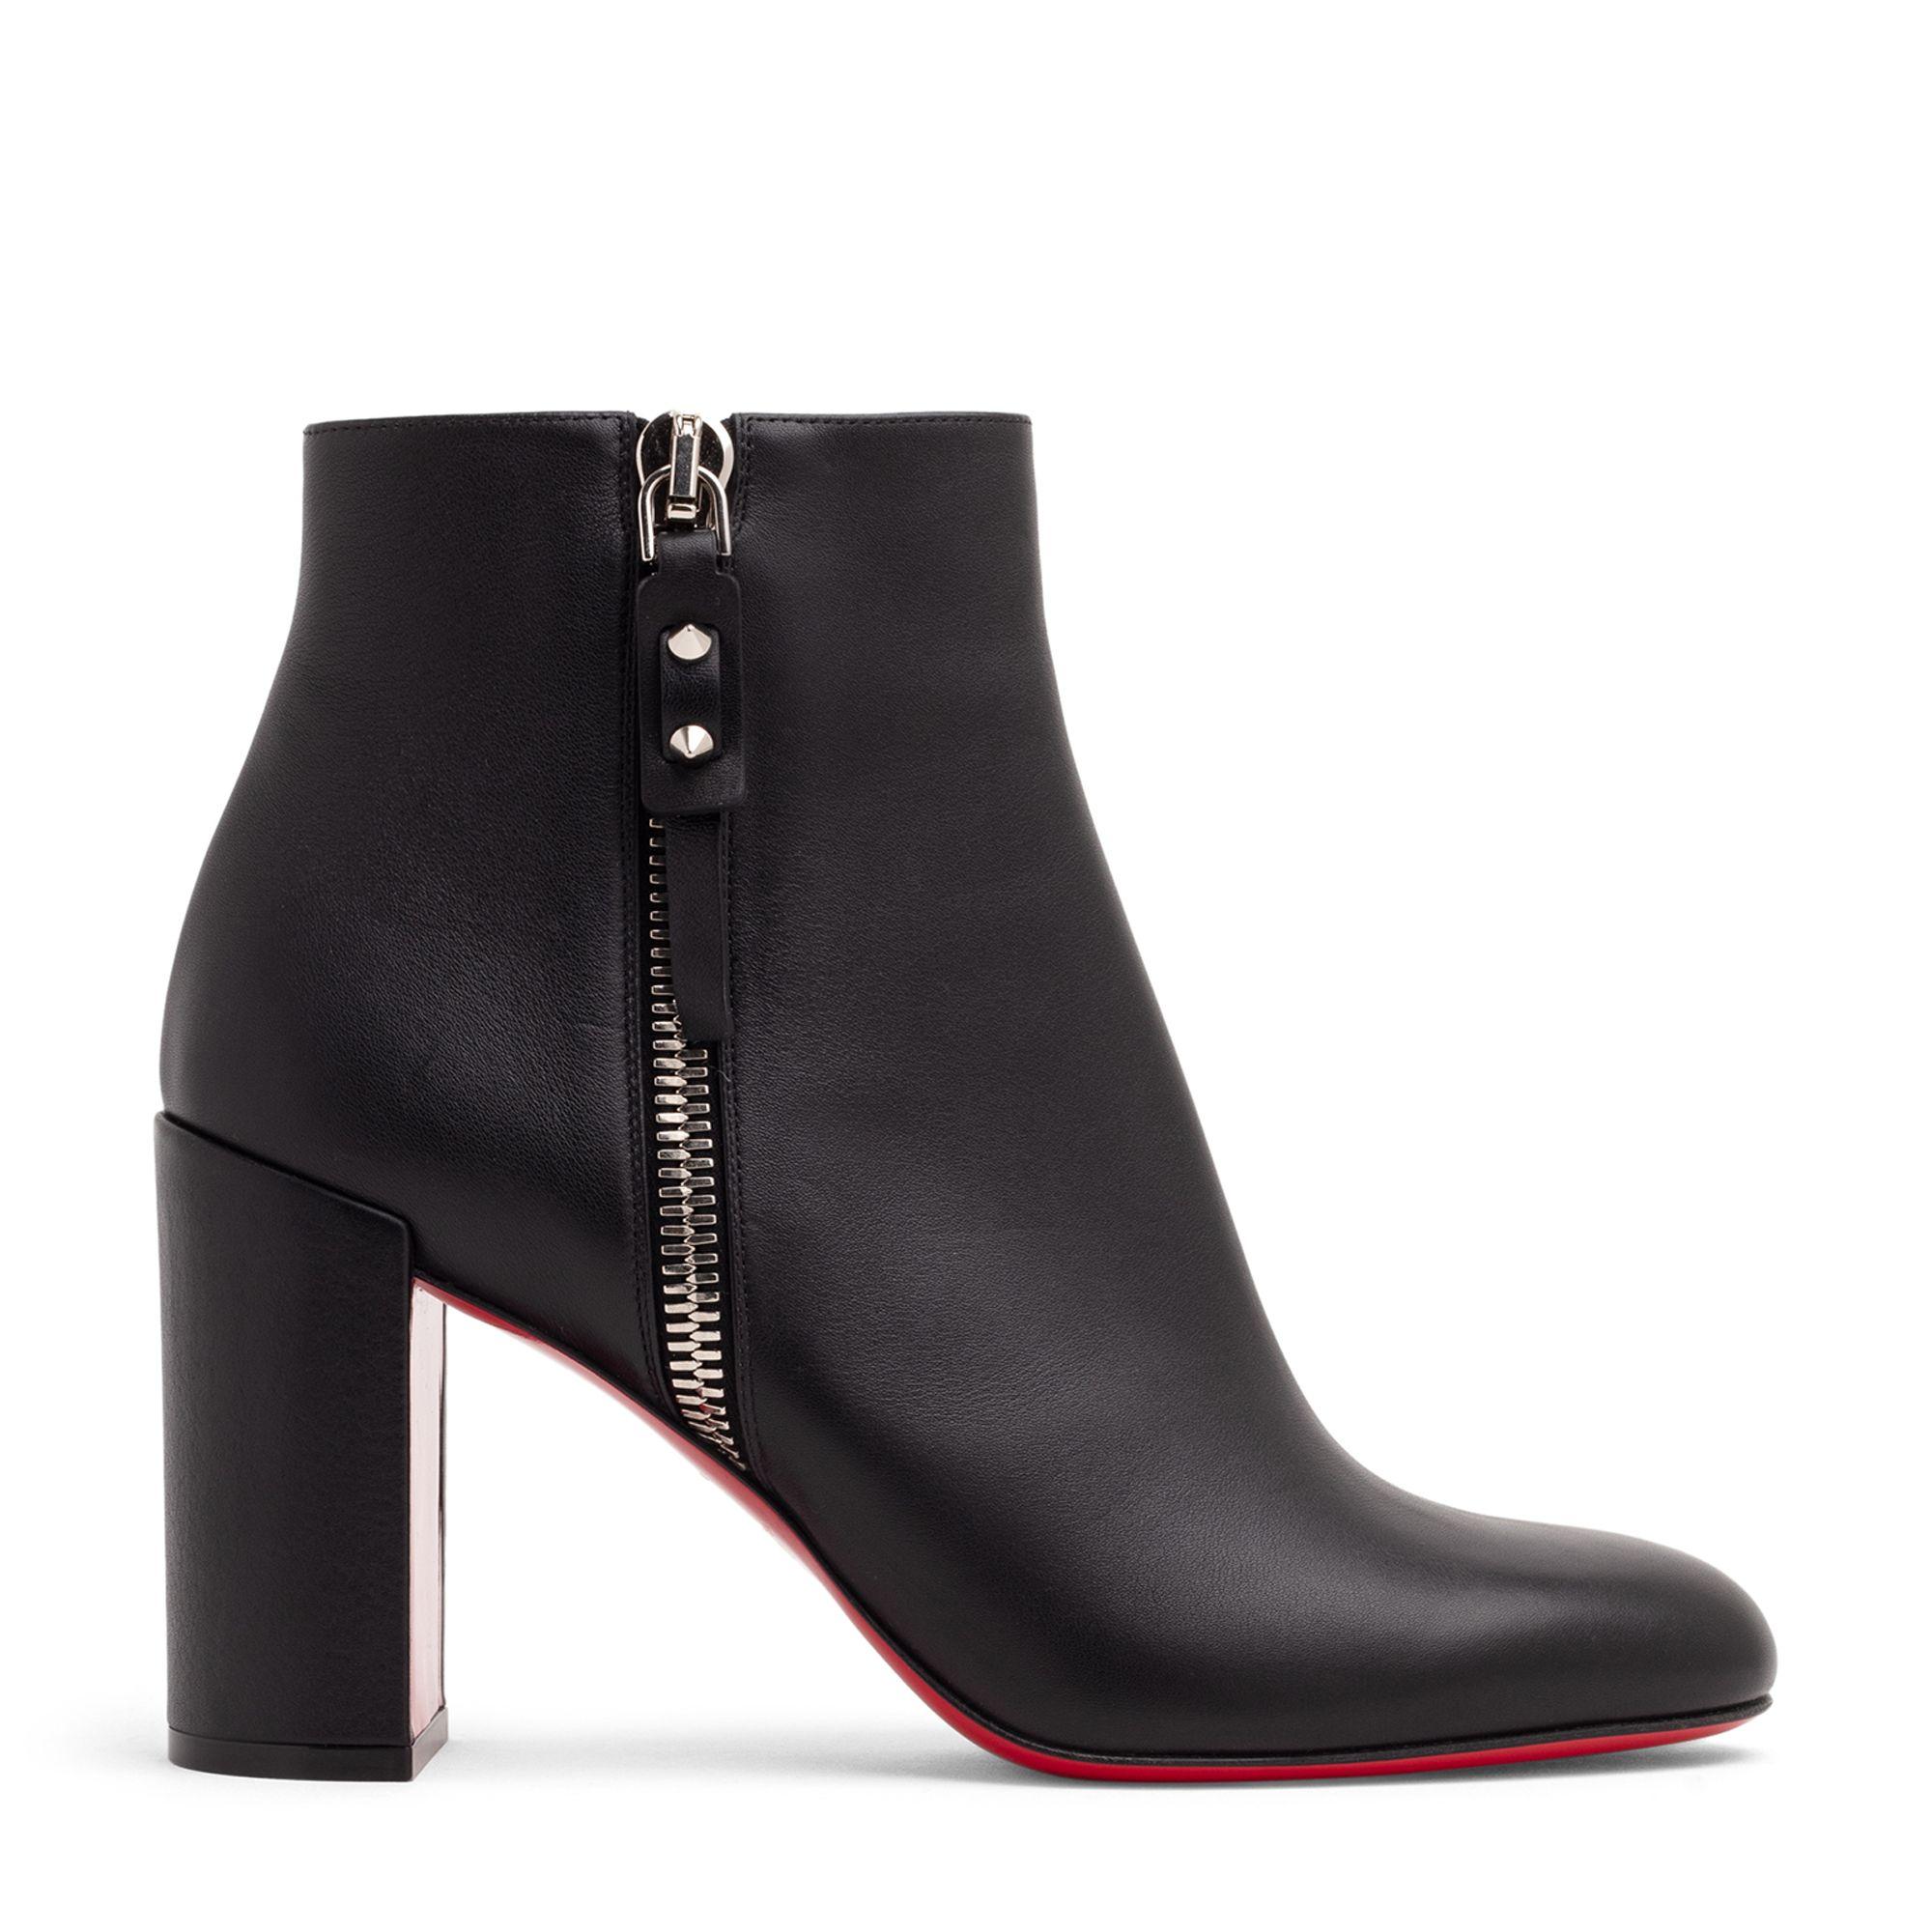 Ziptotal boots